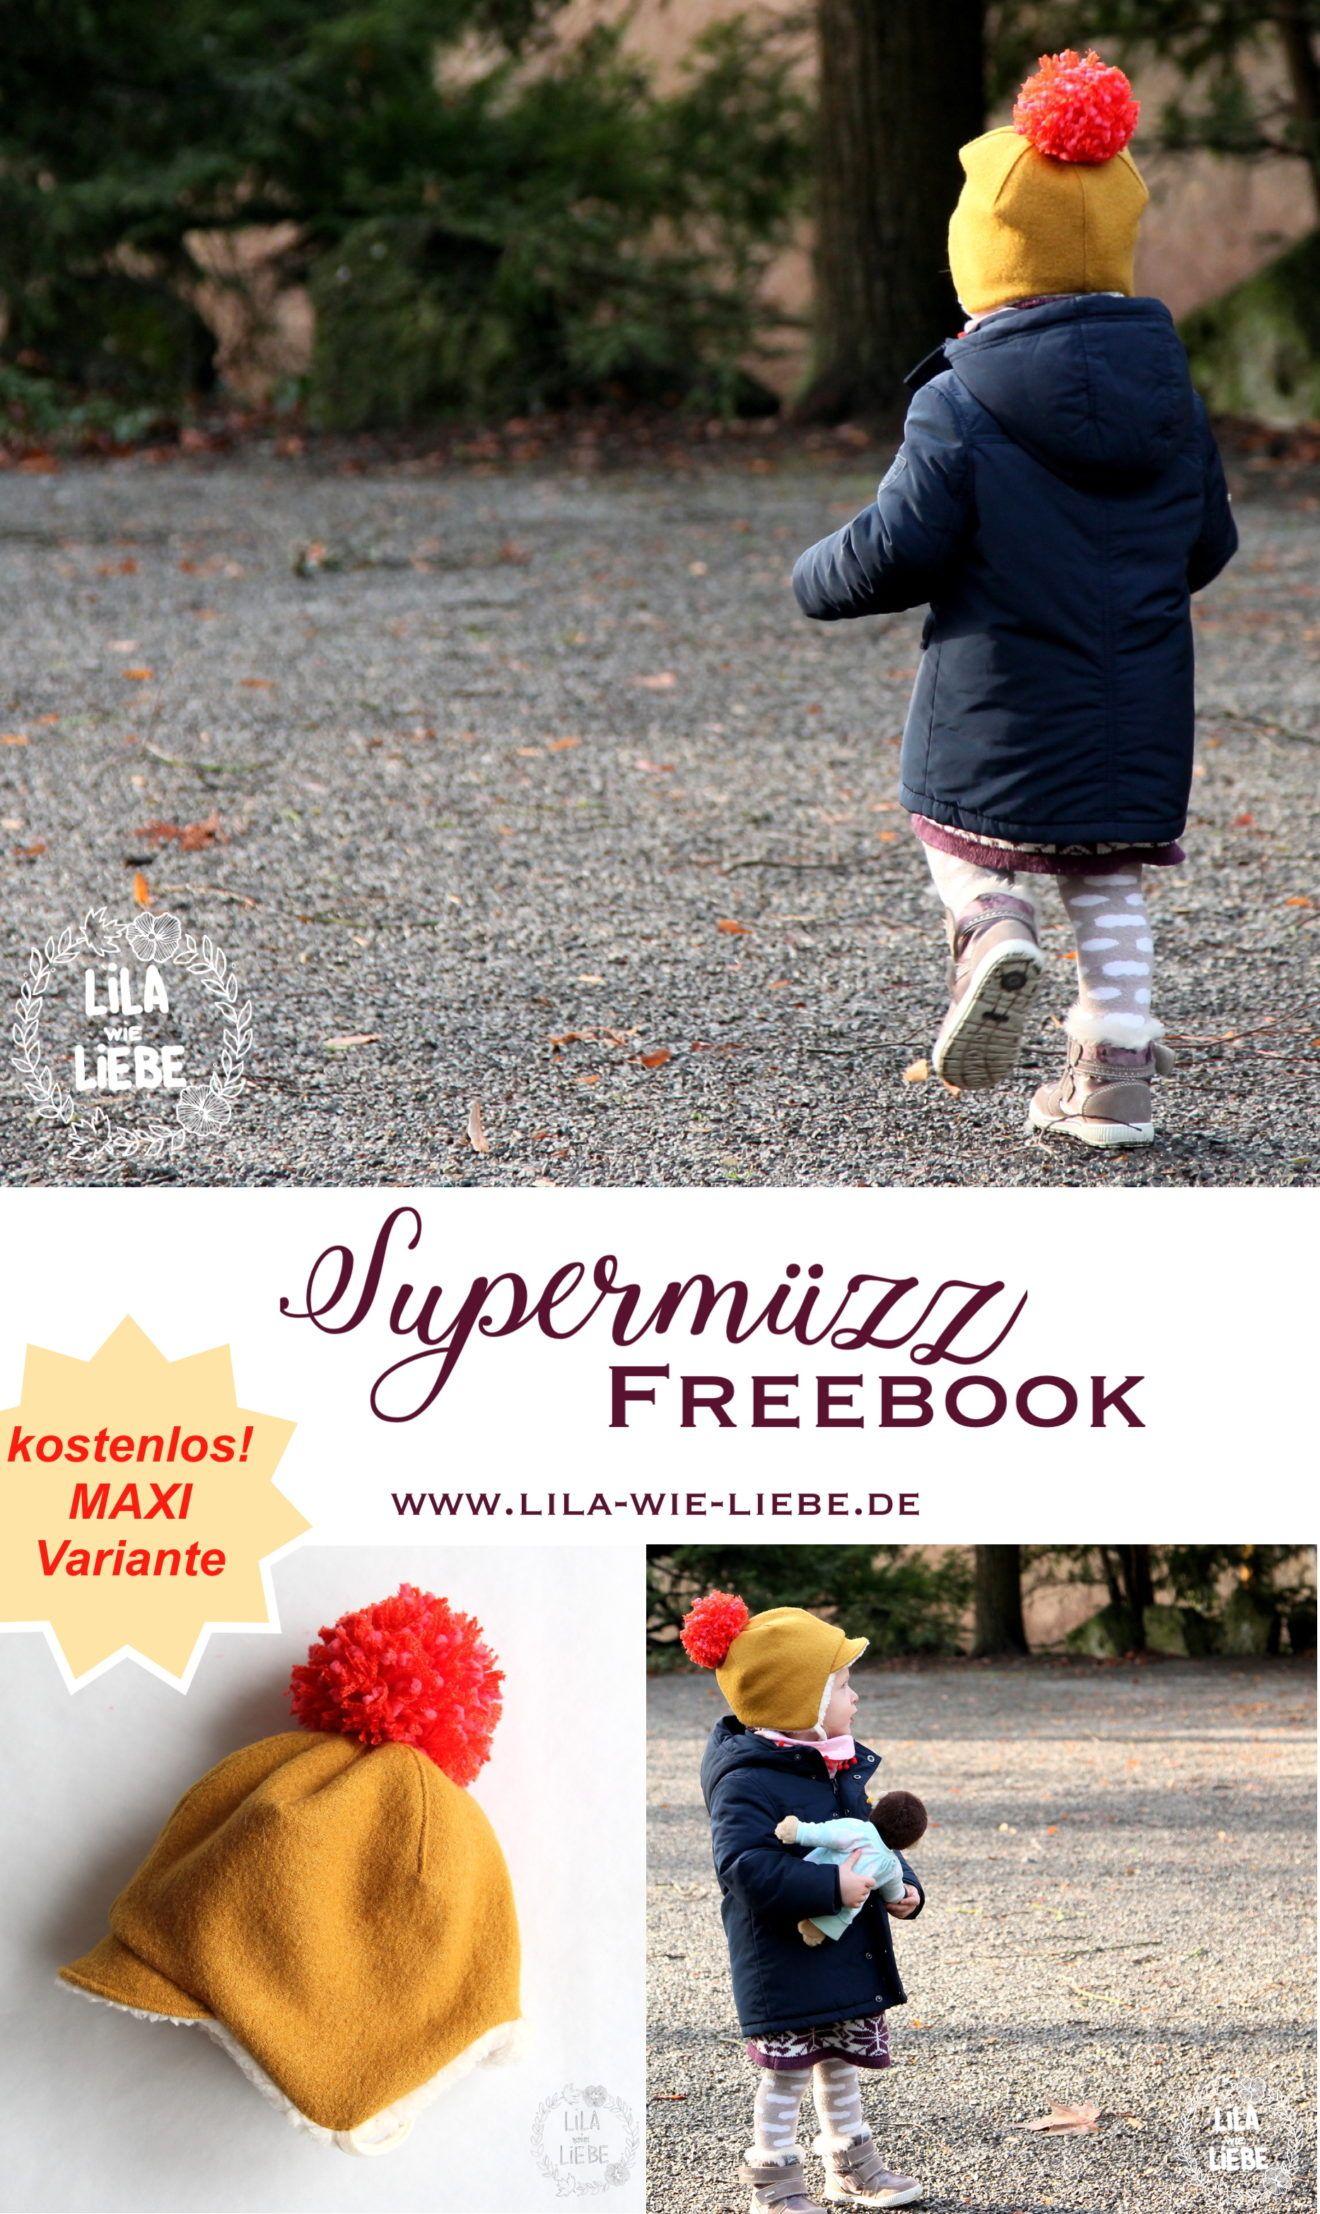 Photo of Supermüzz – Wintermütze für Kinder …MAXI Variante – Lila wie Liebe